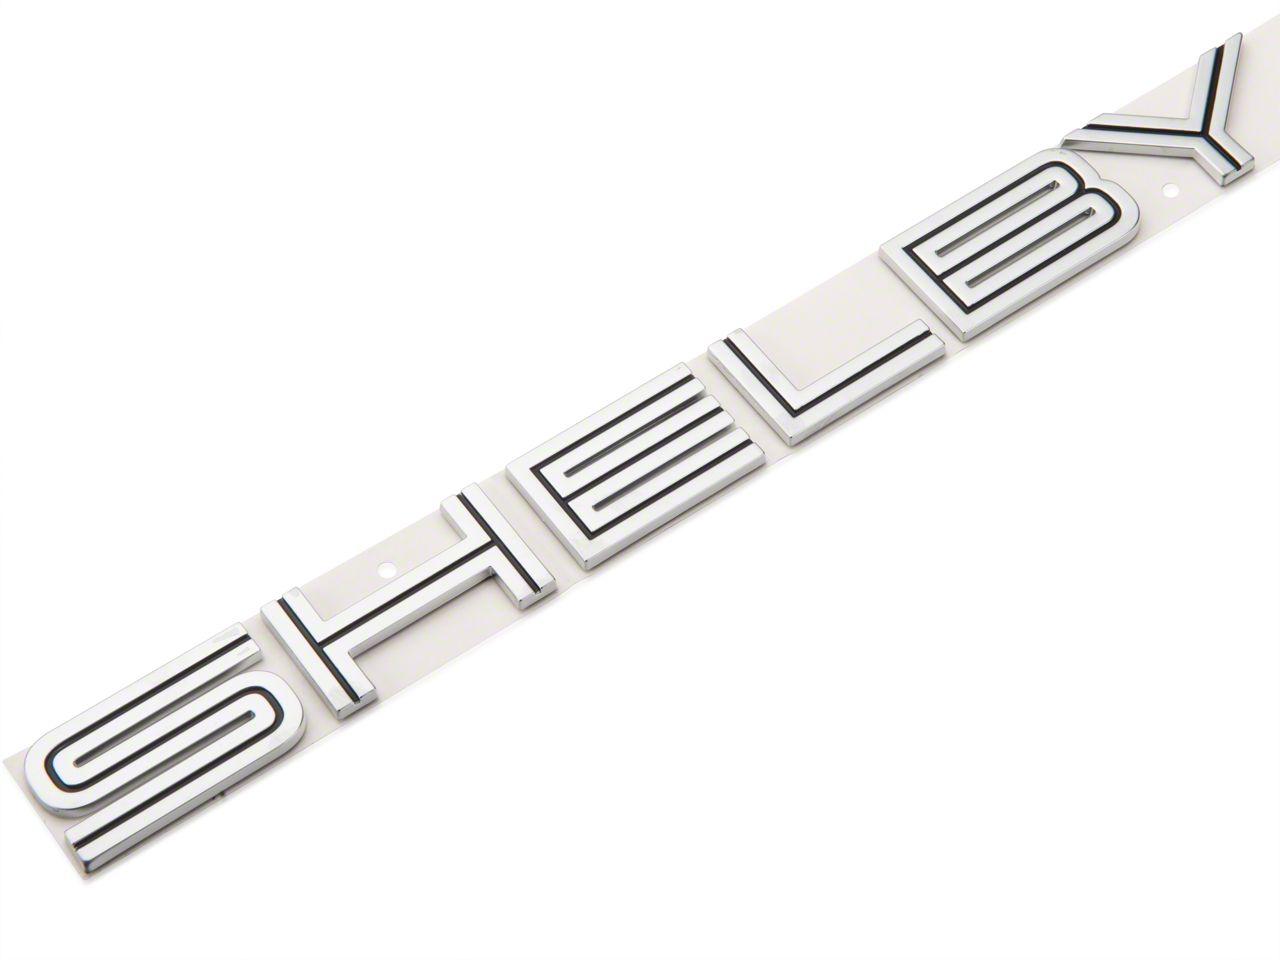 Ford Shelby Lettering Decklid Emblem - Black Inset (07-14 GT500)